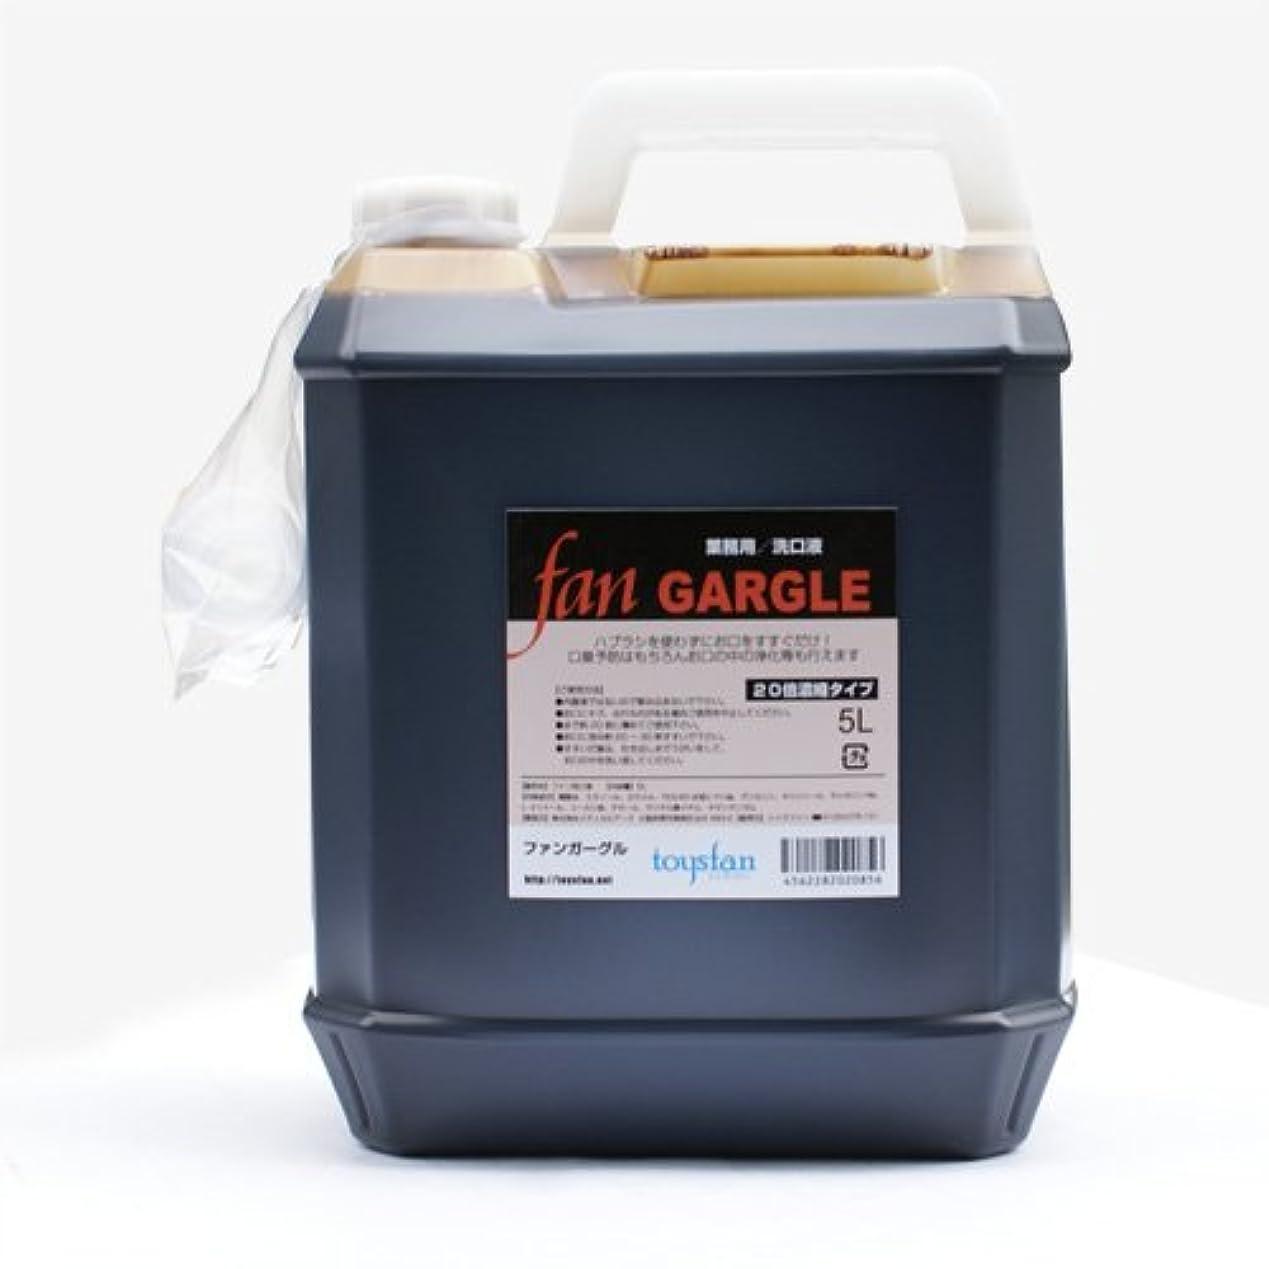 継承引退したなるファンガーグル 5L(20倍濃縮)業務用洗口液